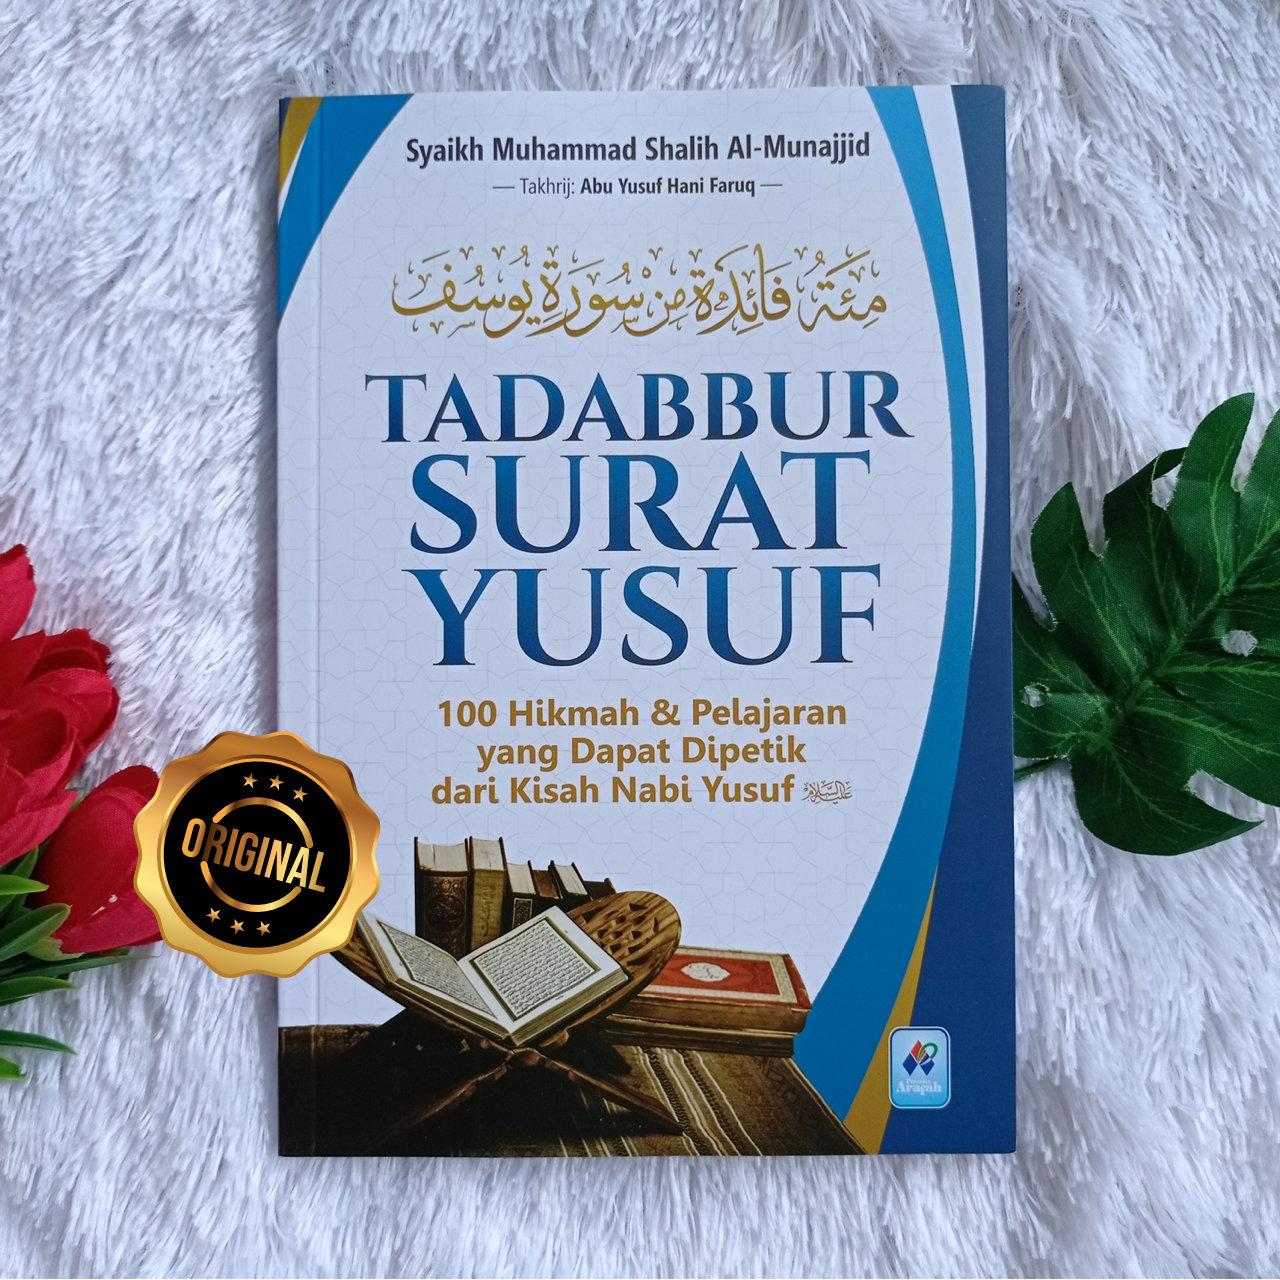 Buku Tadabbur Surat Yusuf 100 Hikmah Dan Pelajaran Yang Dapat Dipetik